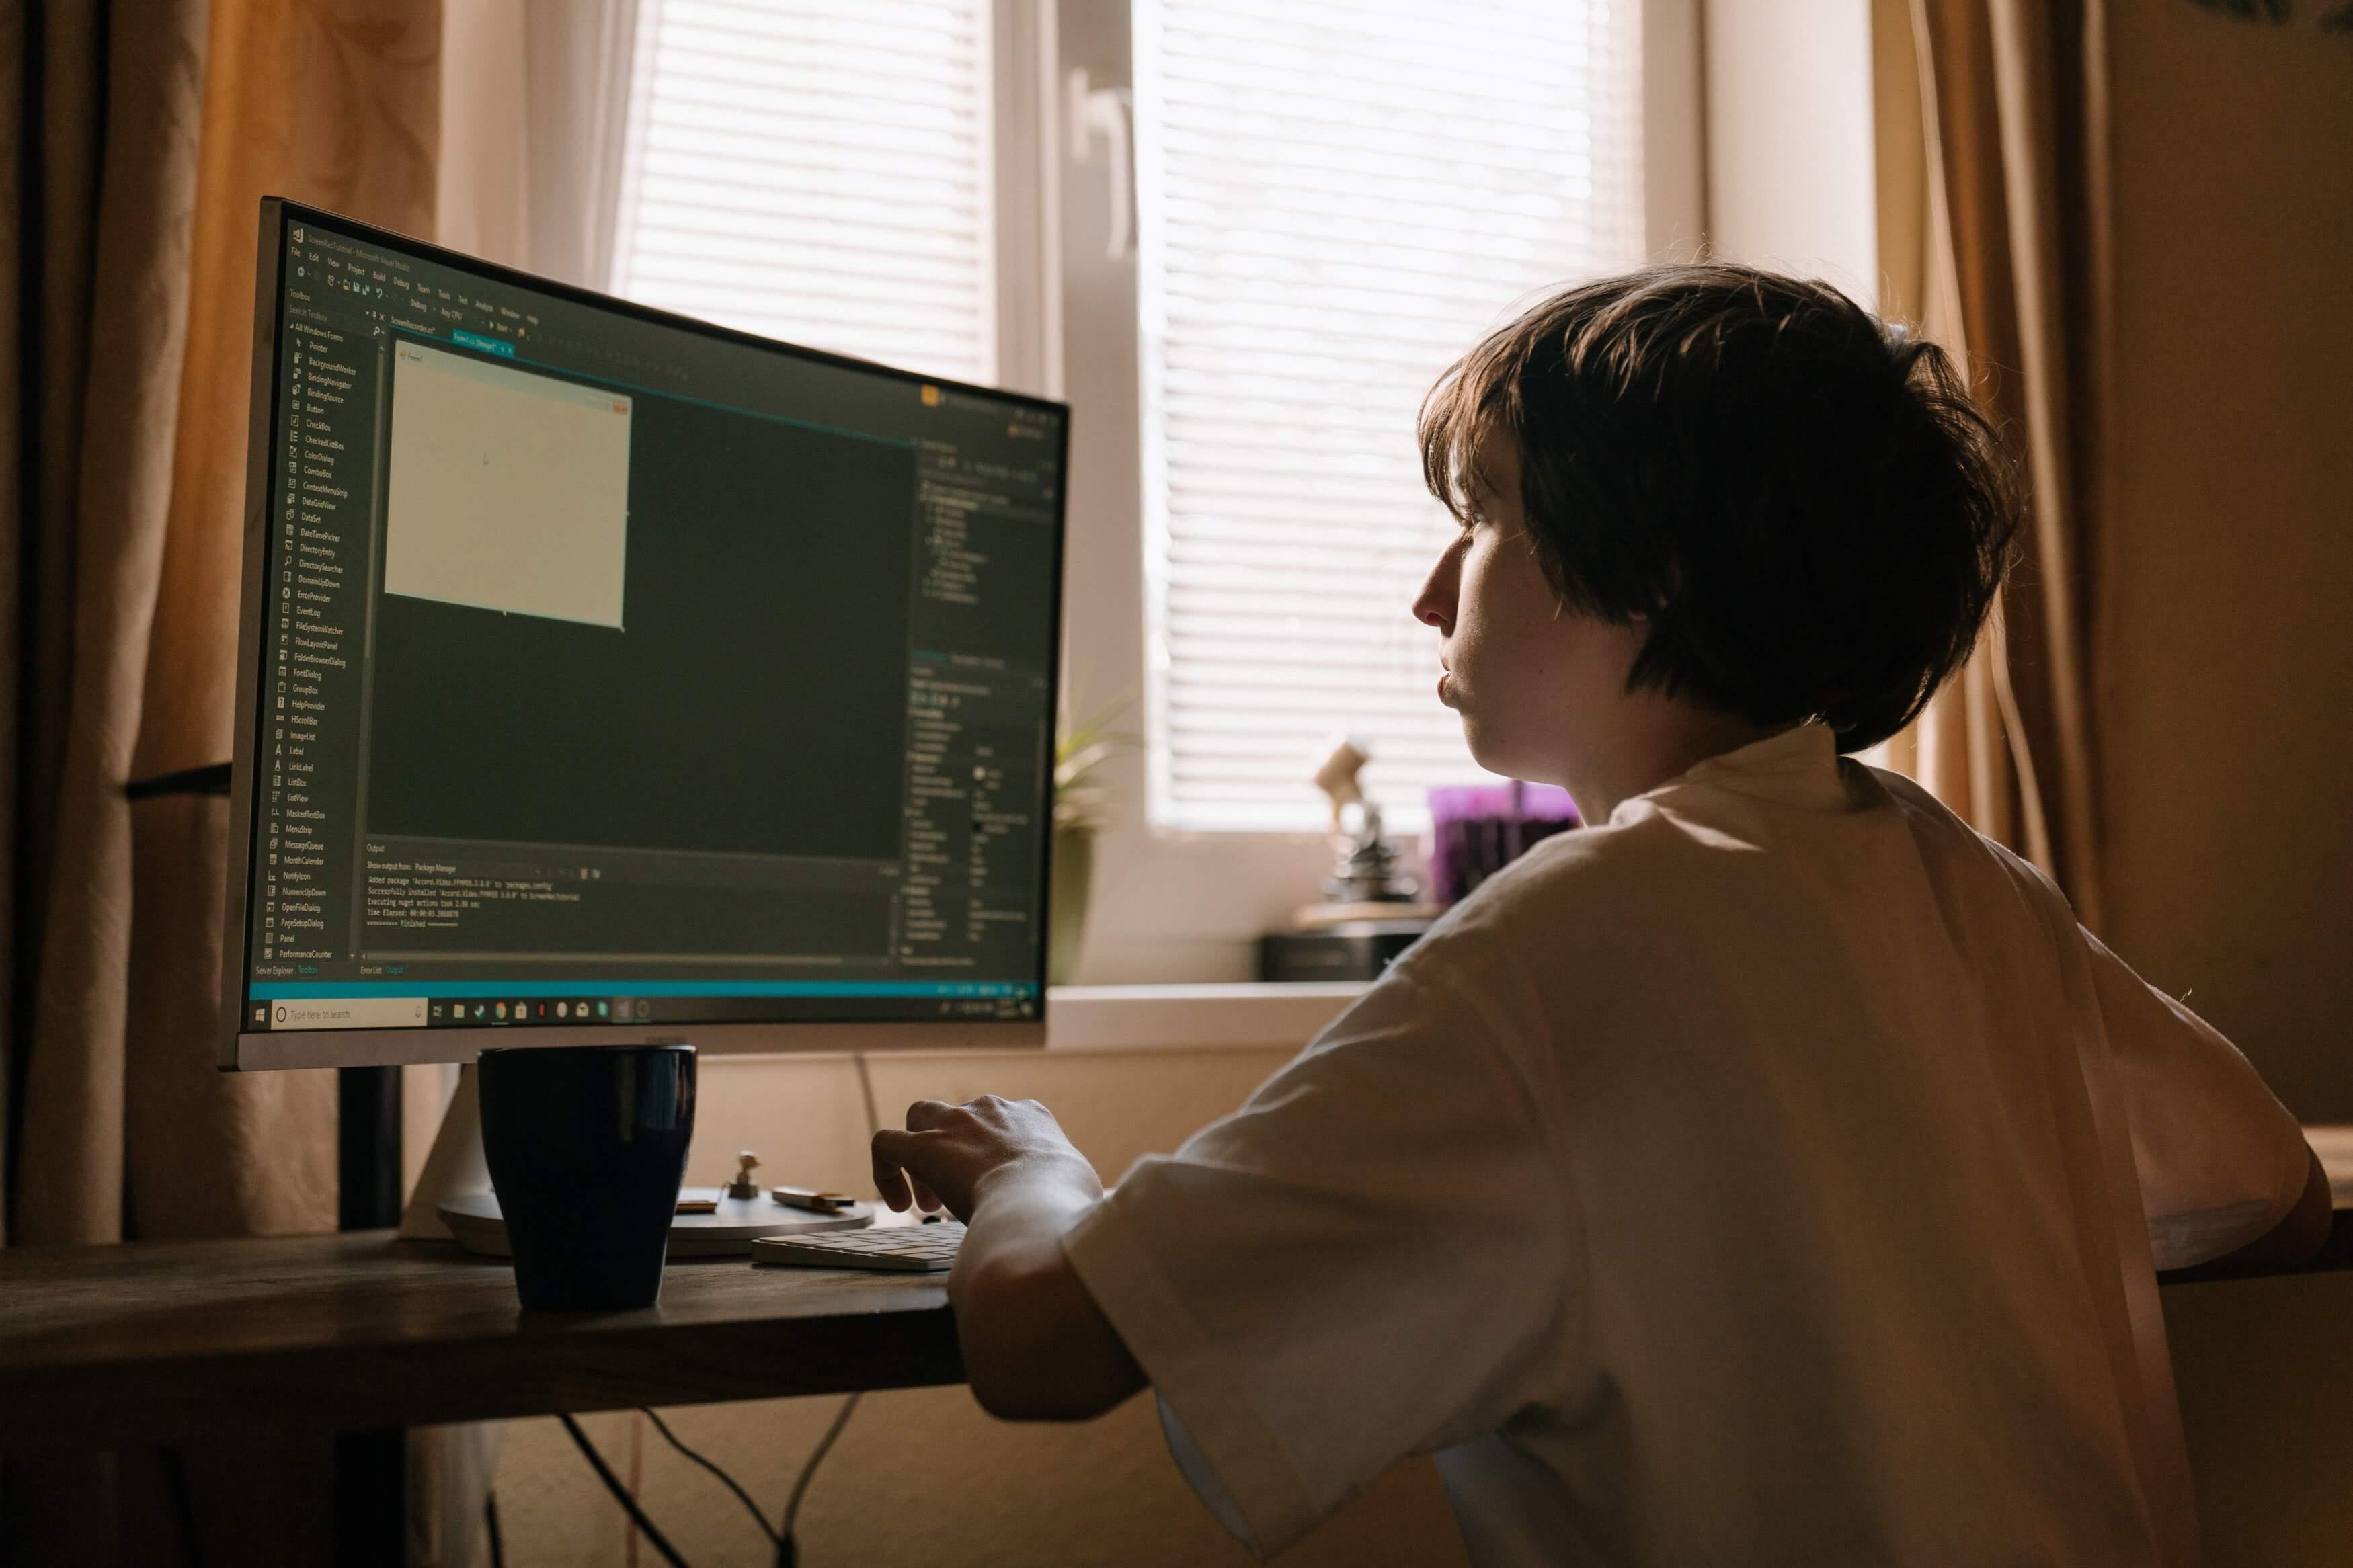 coding-tips-for-kids